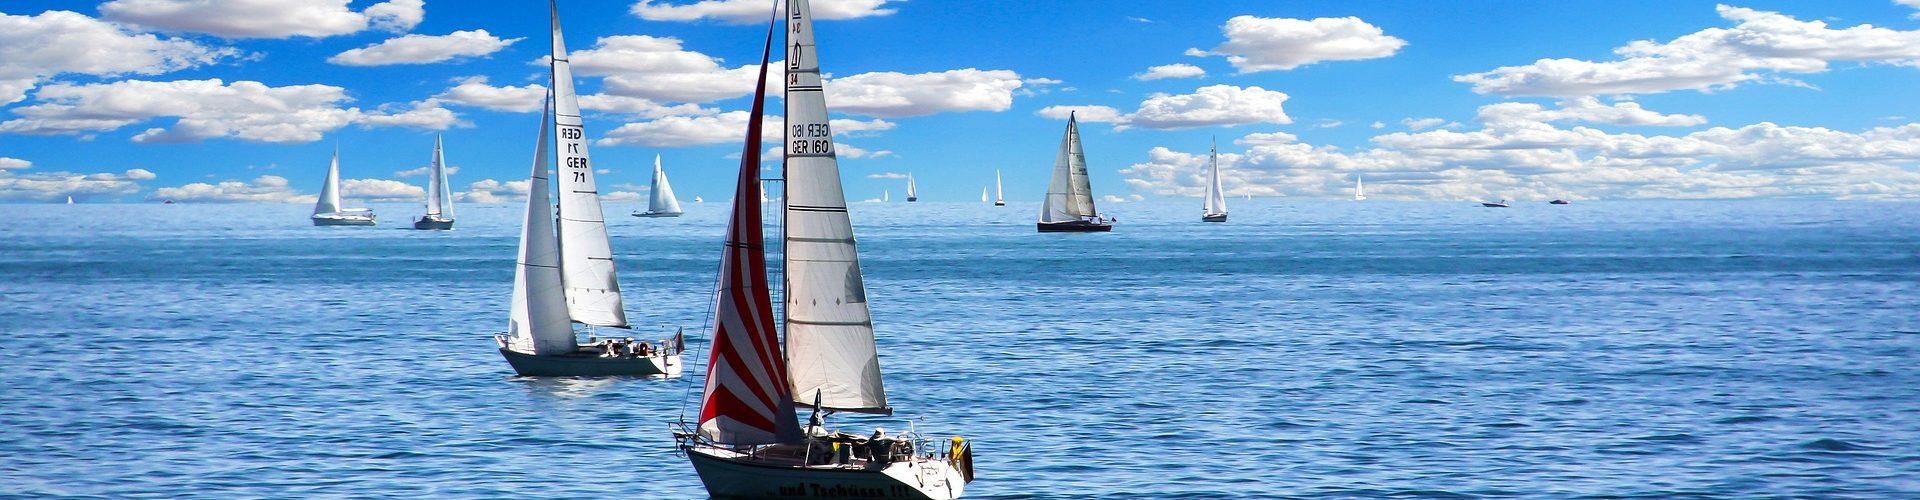 segeln lernen in Emsdetten segelschein machen in Emsdetten 1920x500 - Segeln lernen in Emsdetten